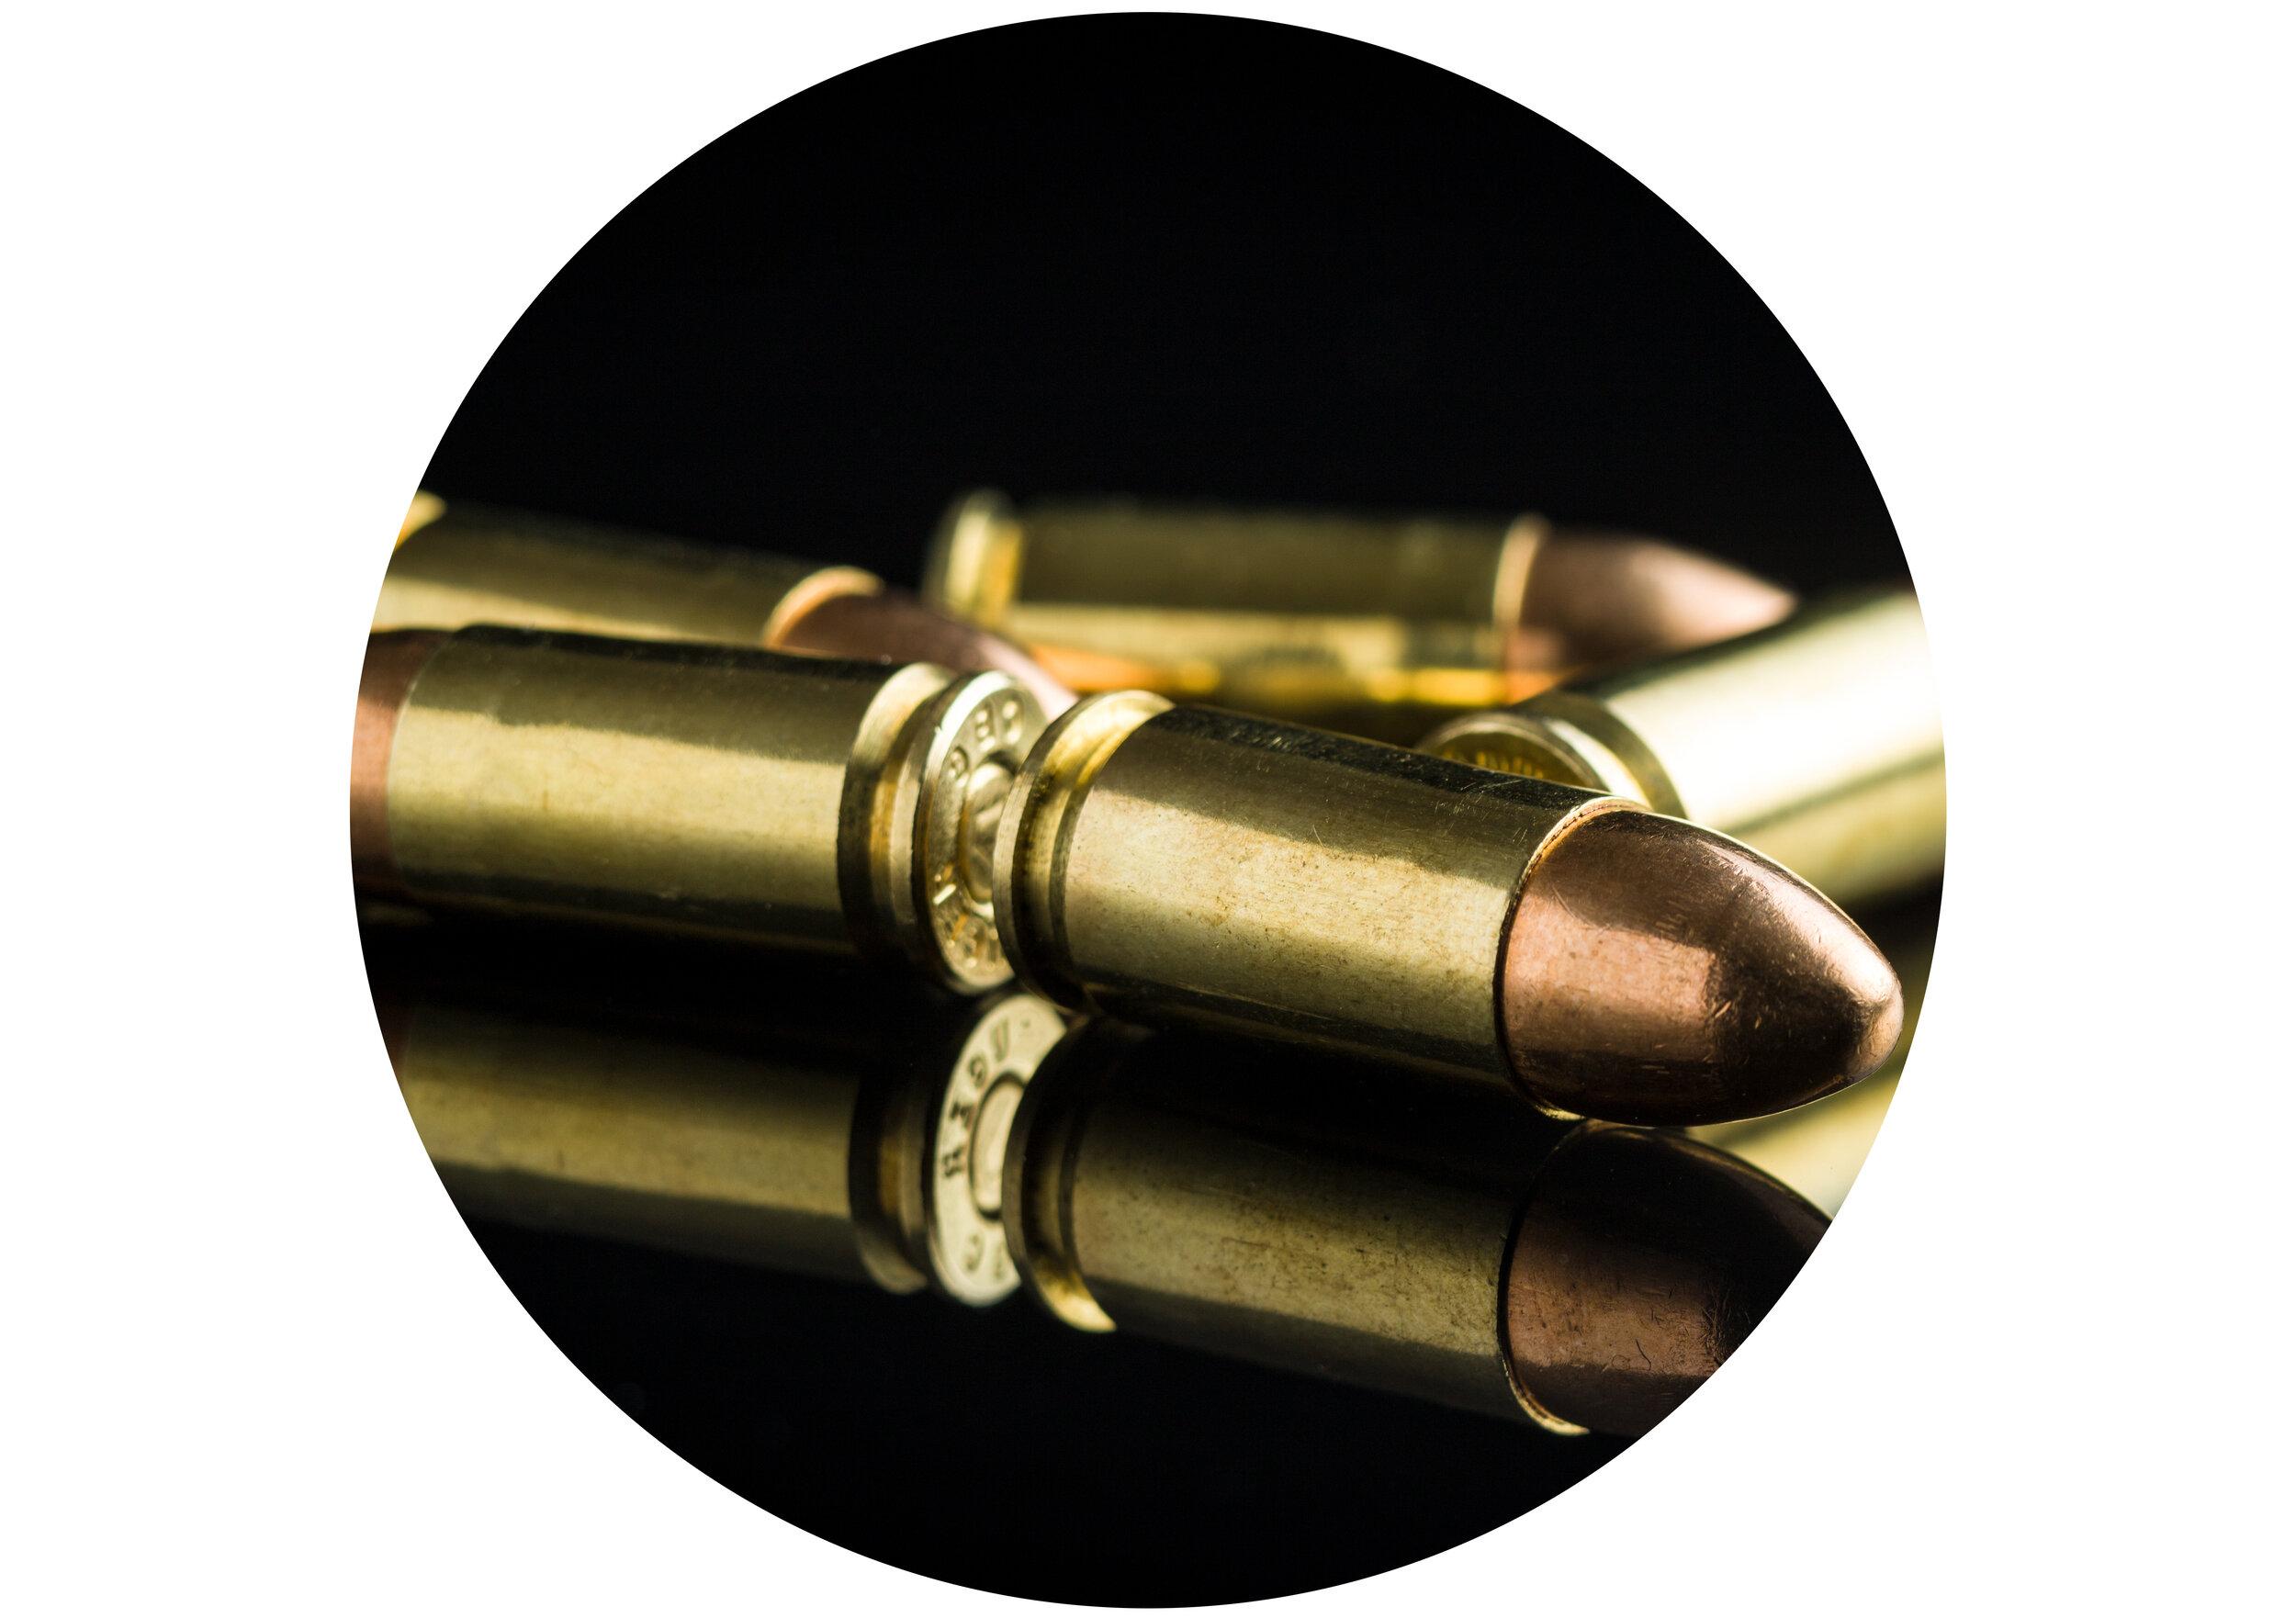 Gun circle crop.jpg